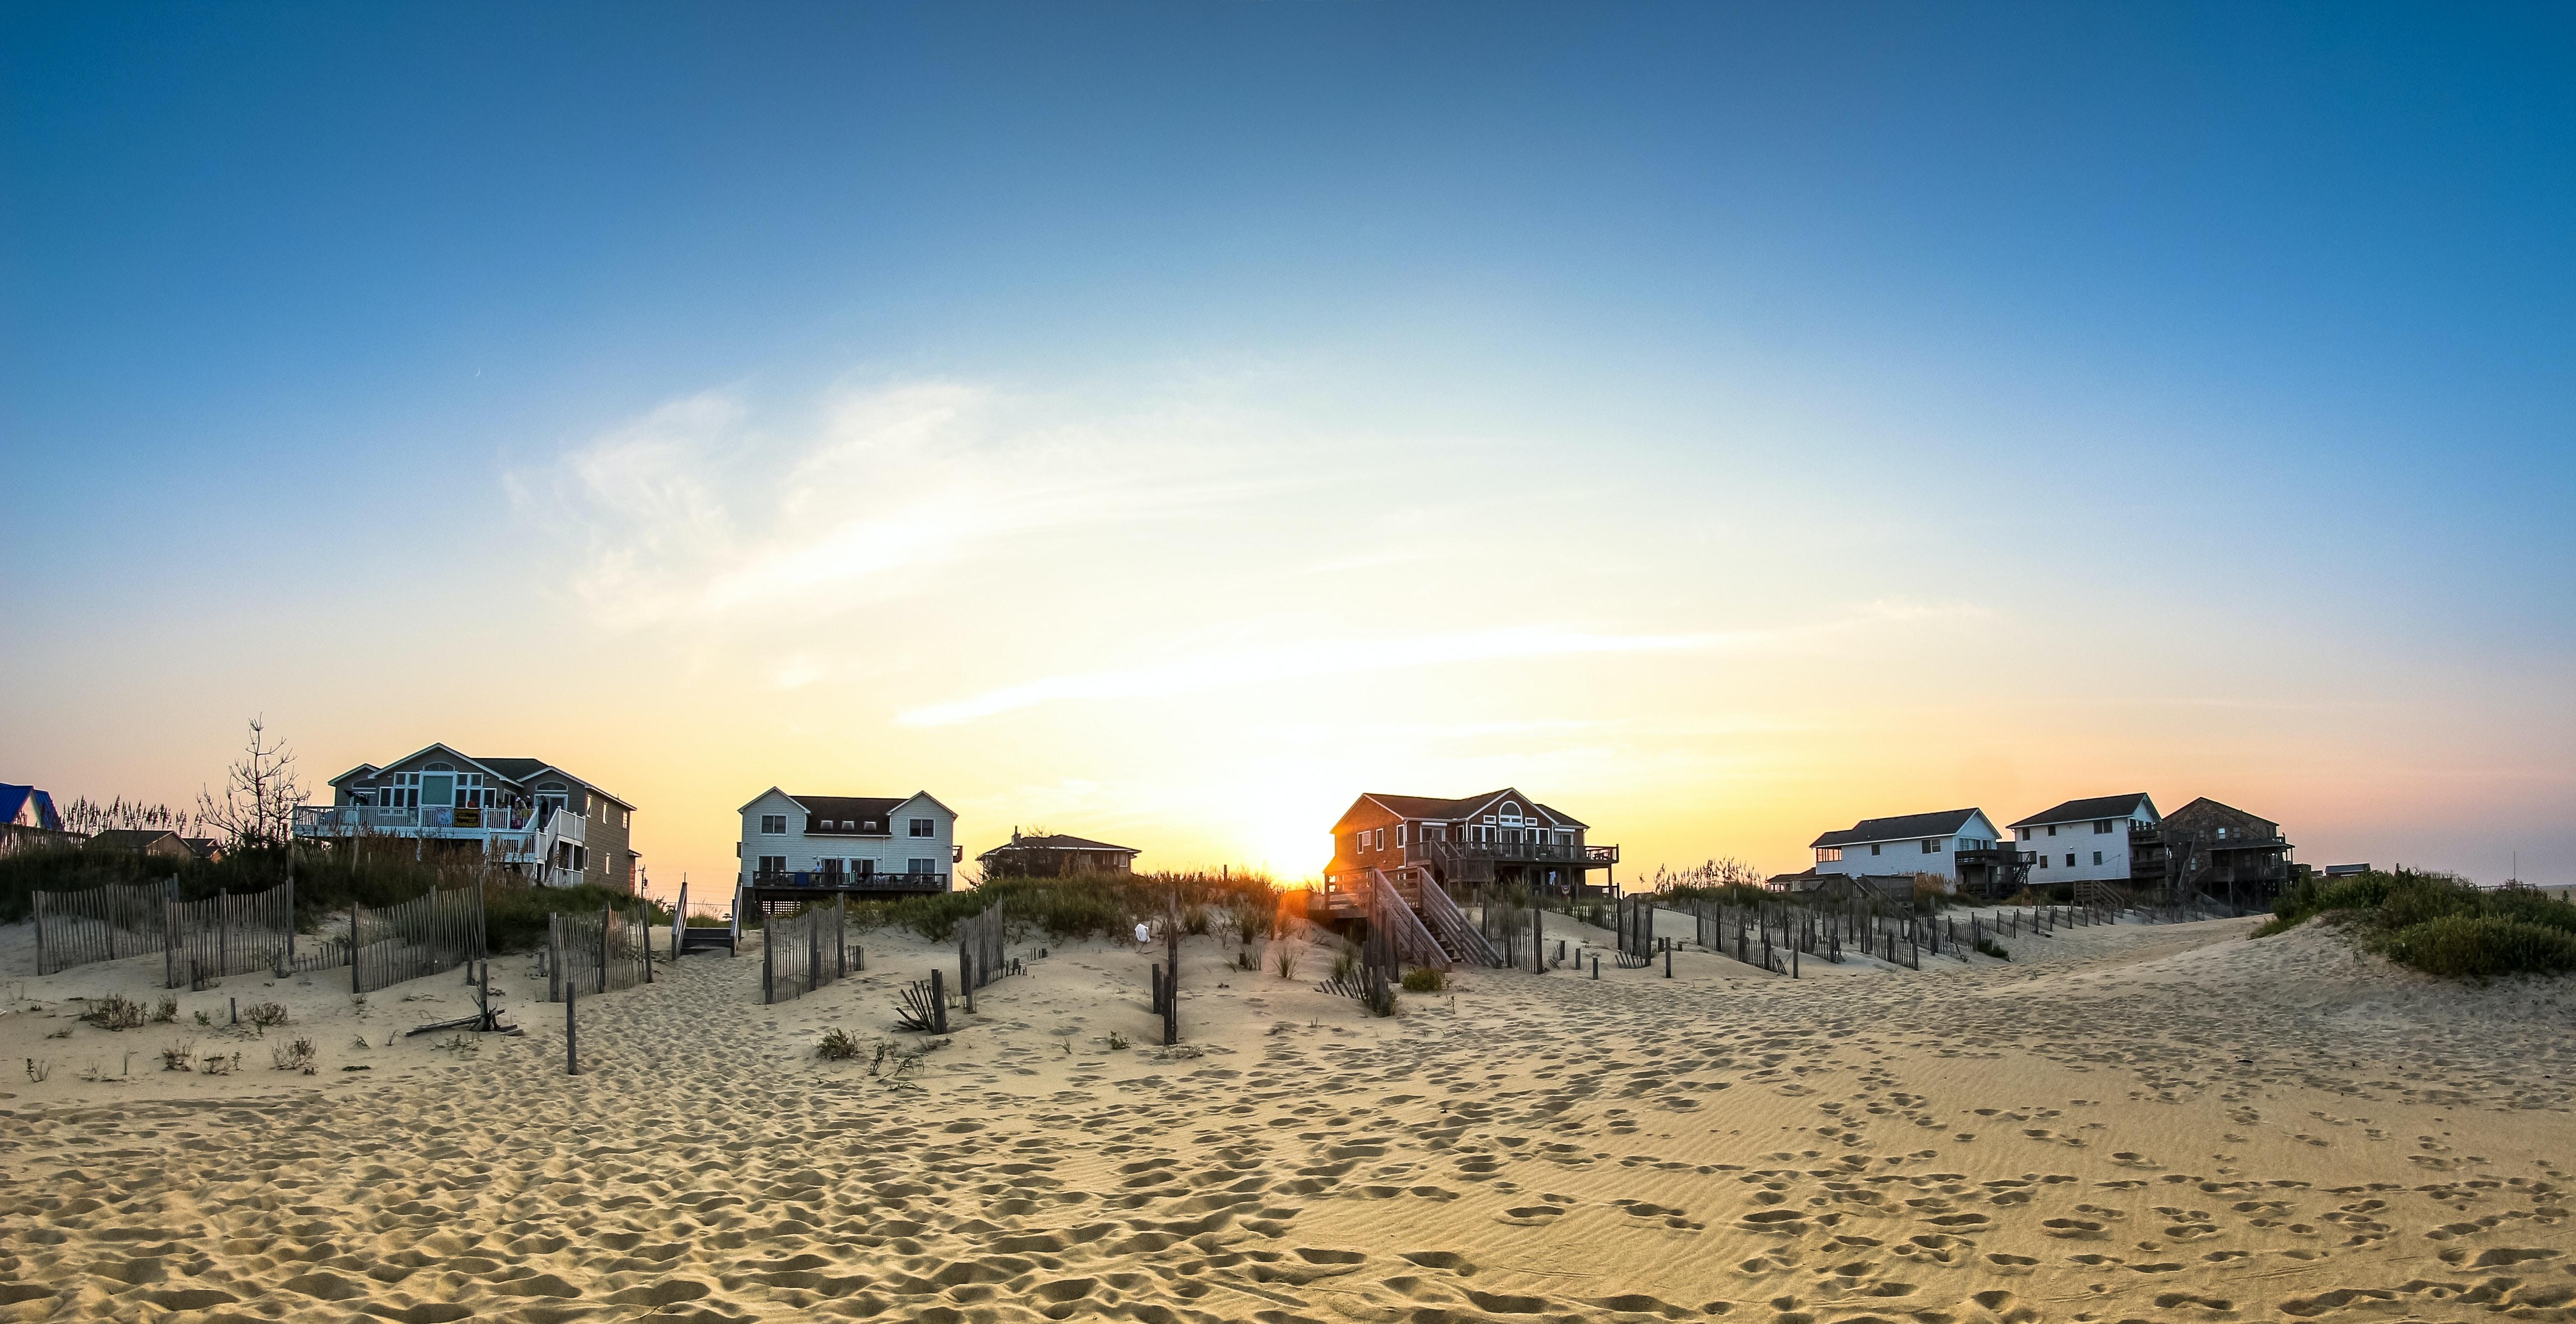 Coastal houses by the sandy beach at Nags Head